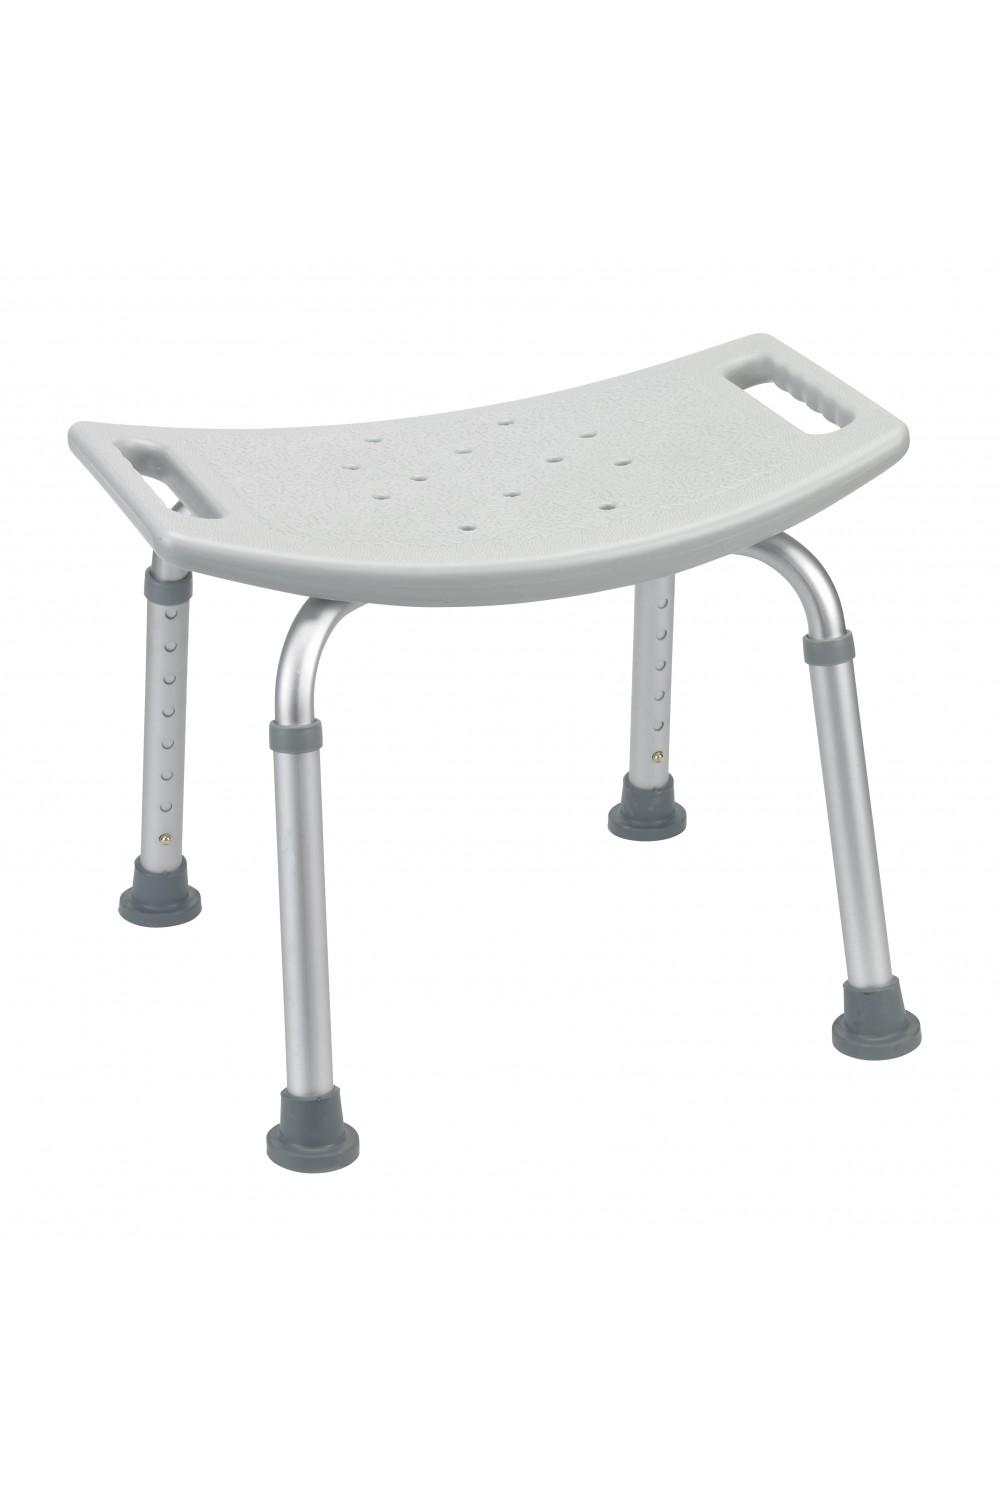 Grey bathroom safety shower tub bench chair gba medical for Drive medical bathroom safety shower tub chair